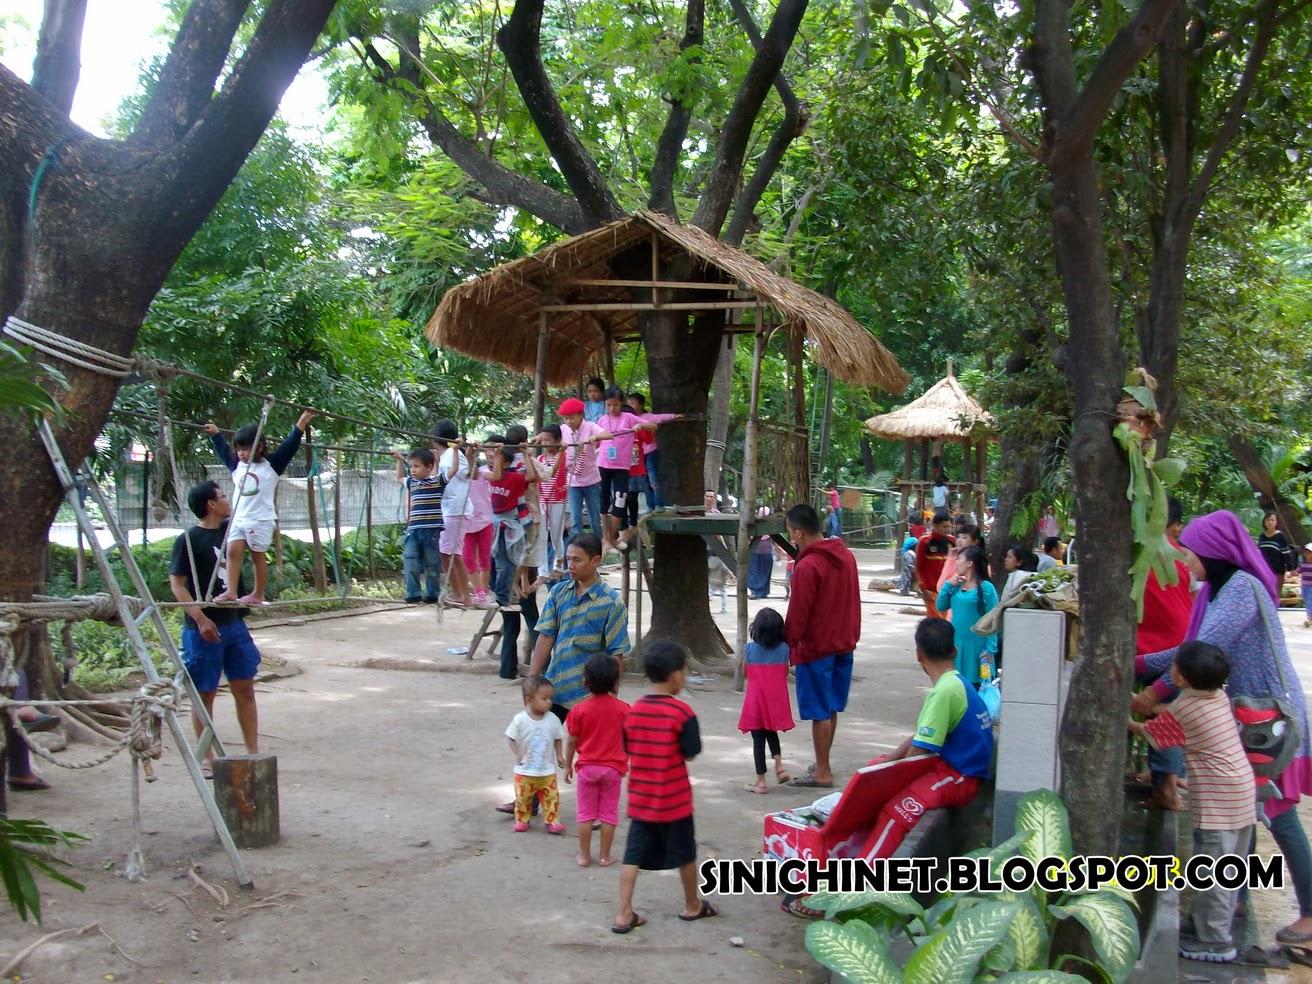 Taman Flora Kebun Bibit Bratang Surabaya Sinichinet Kota